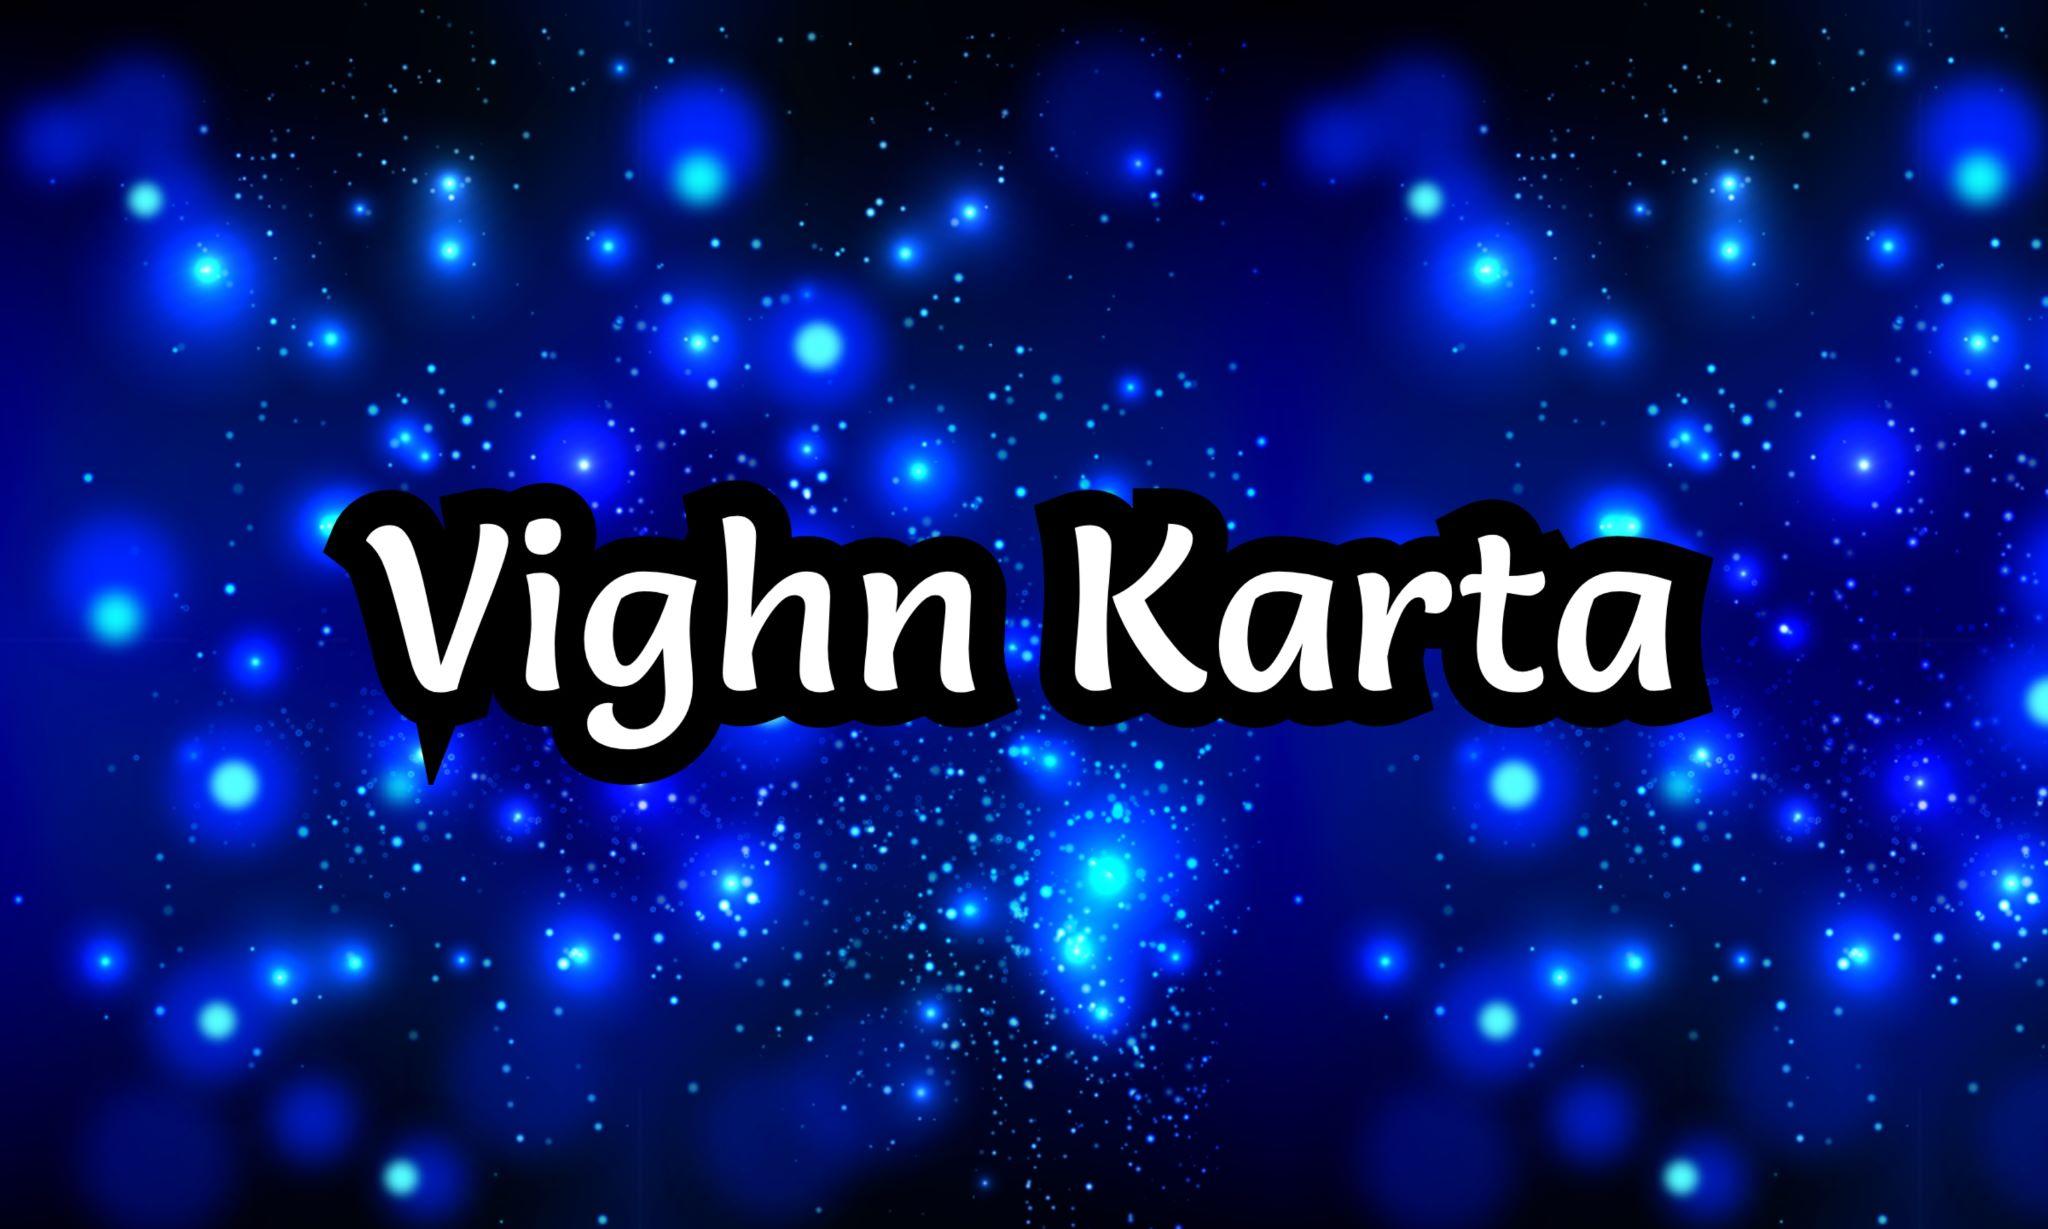 Vighn Karta